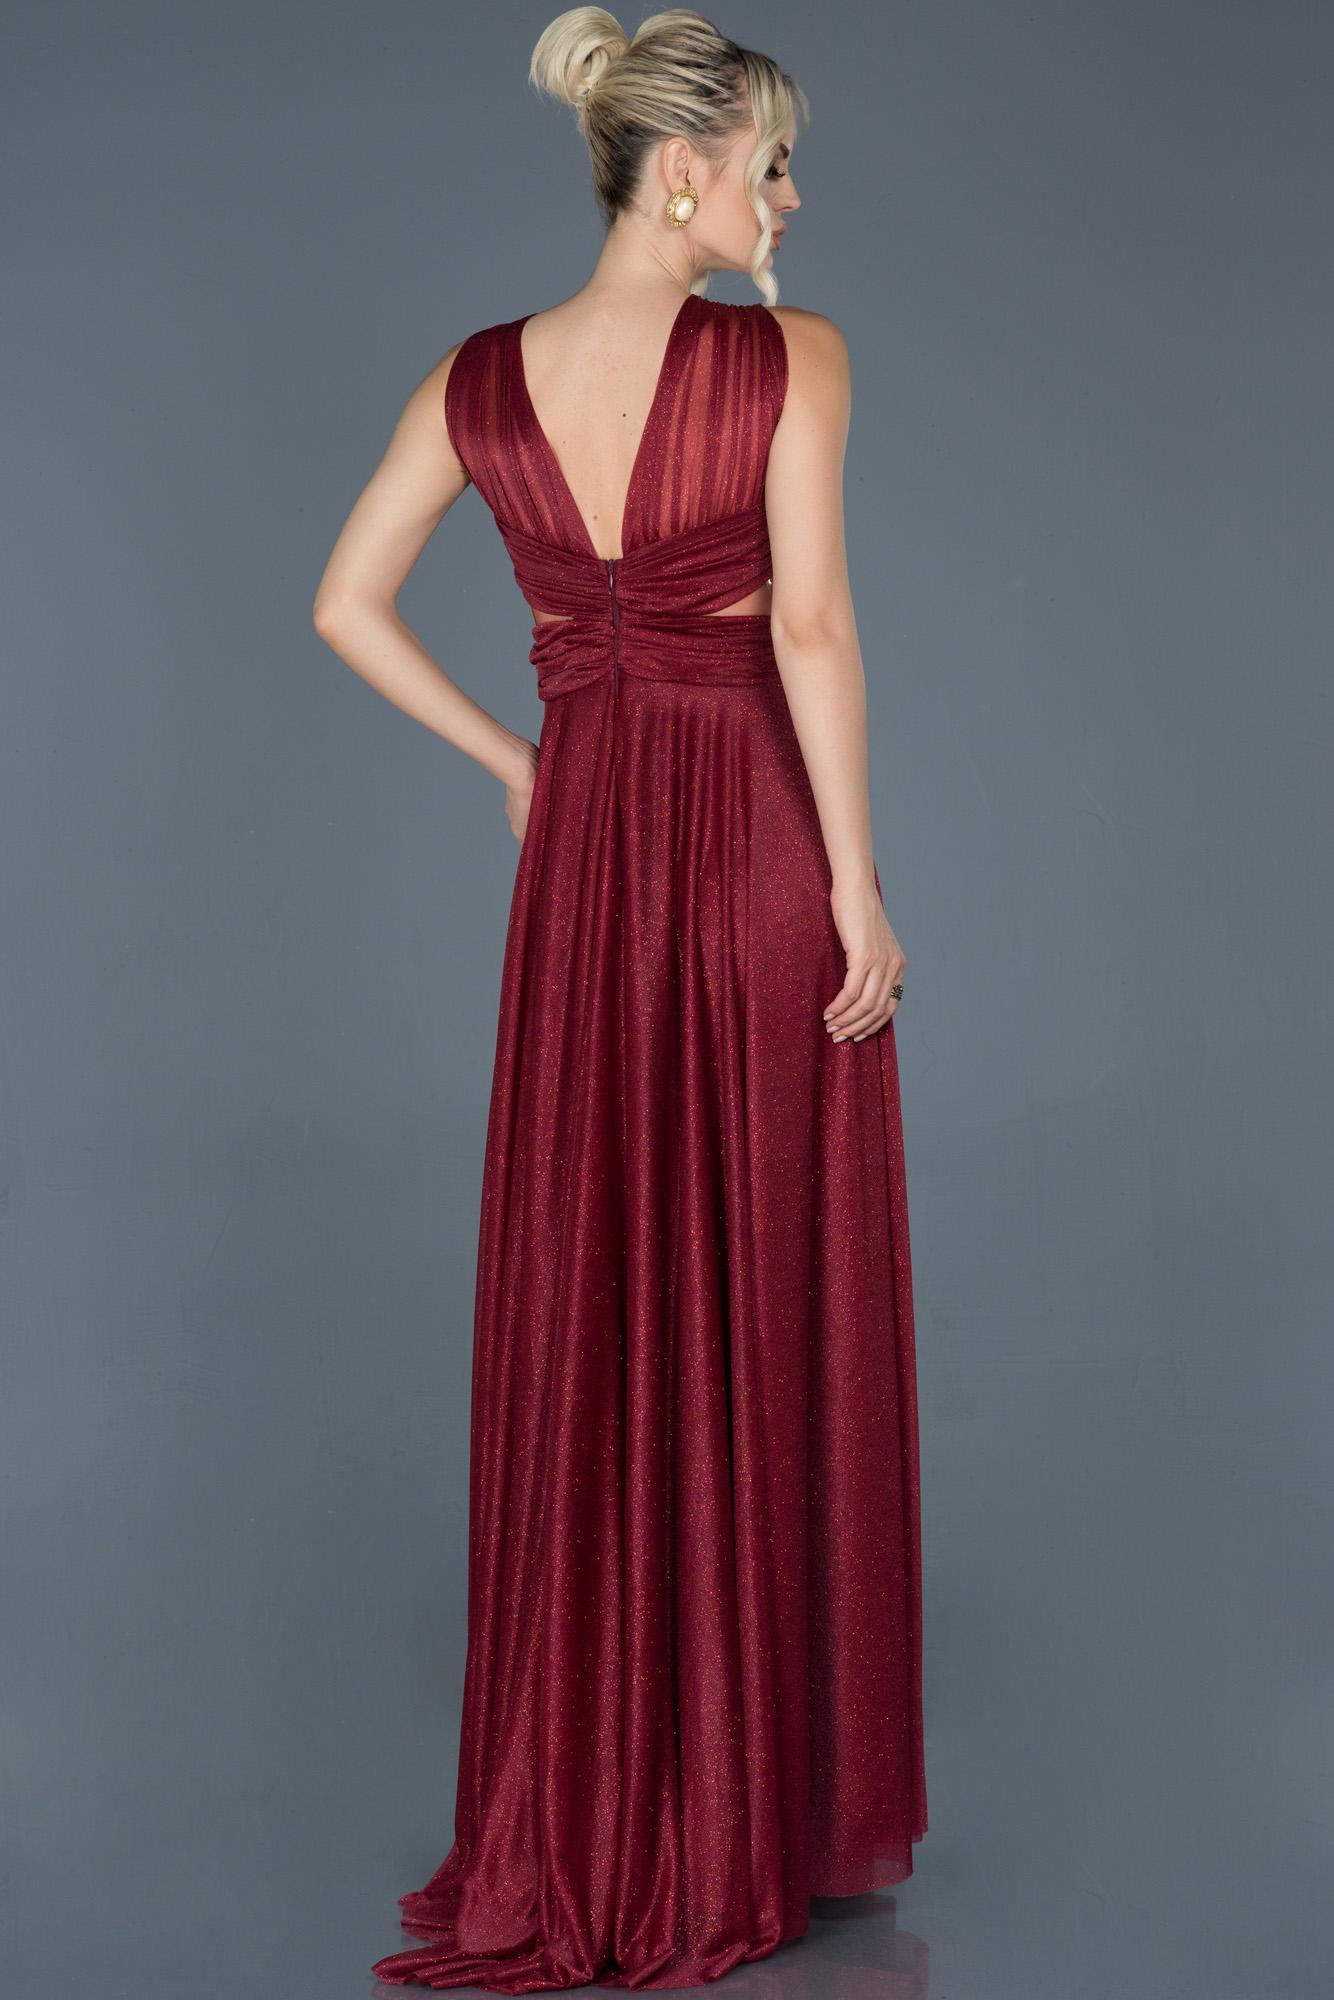 Bordo Uzun Kolsuz Sırt Dekolteli Nişan Elbisesi